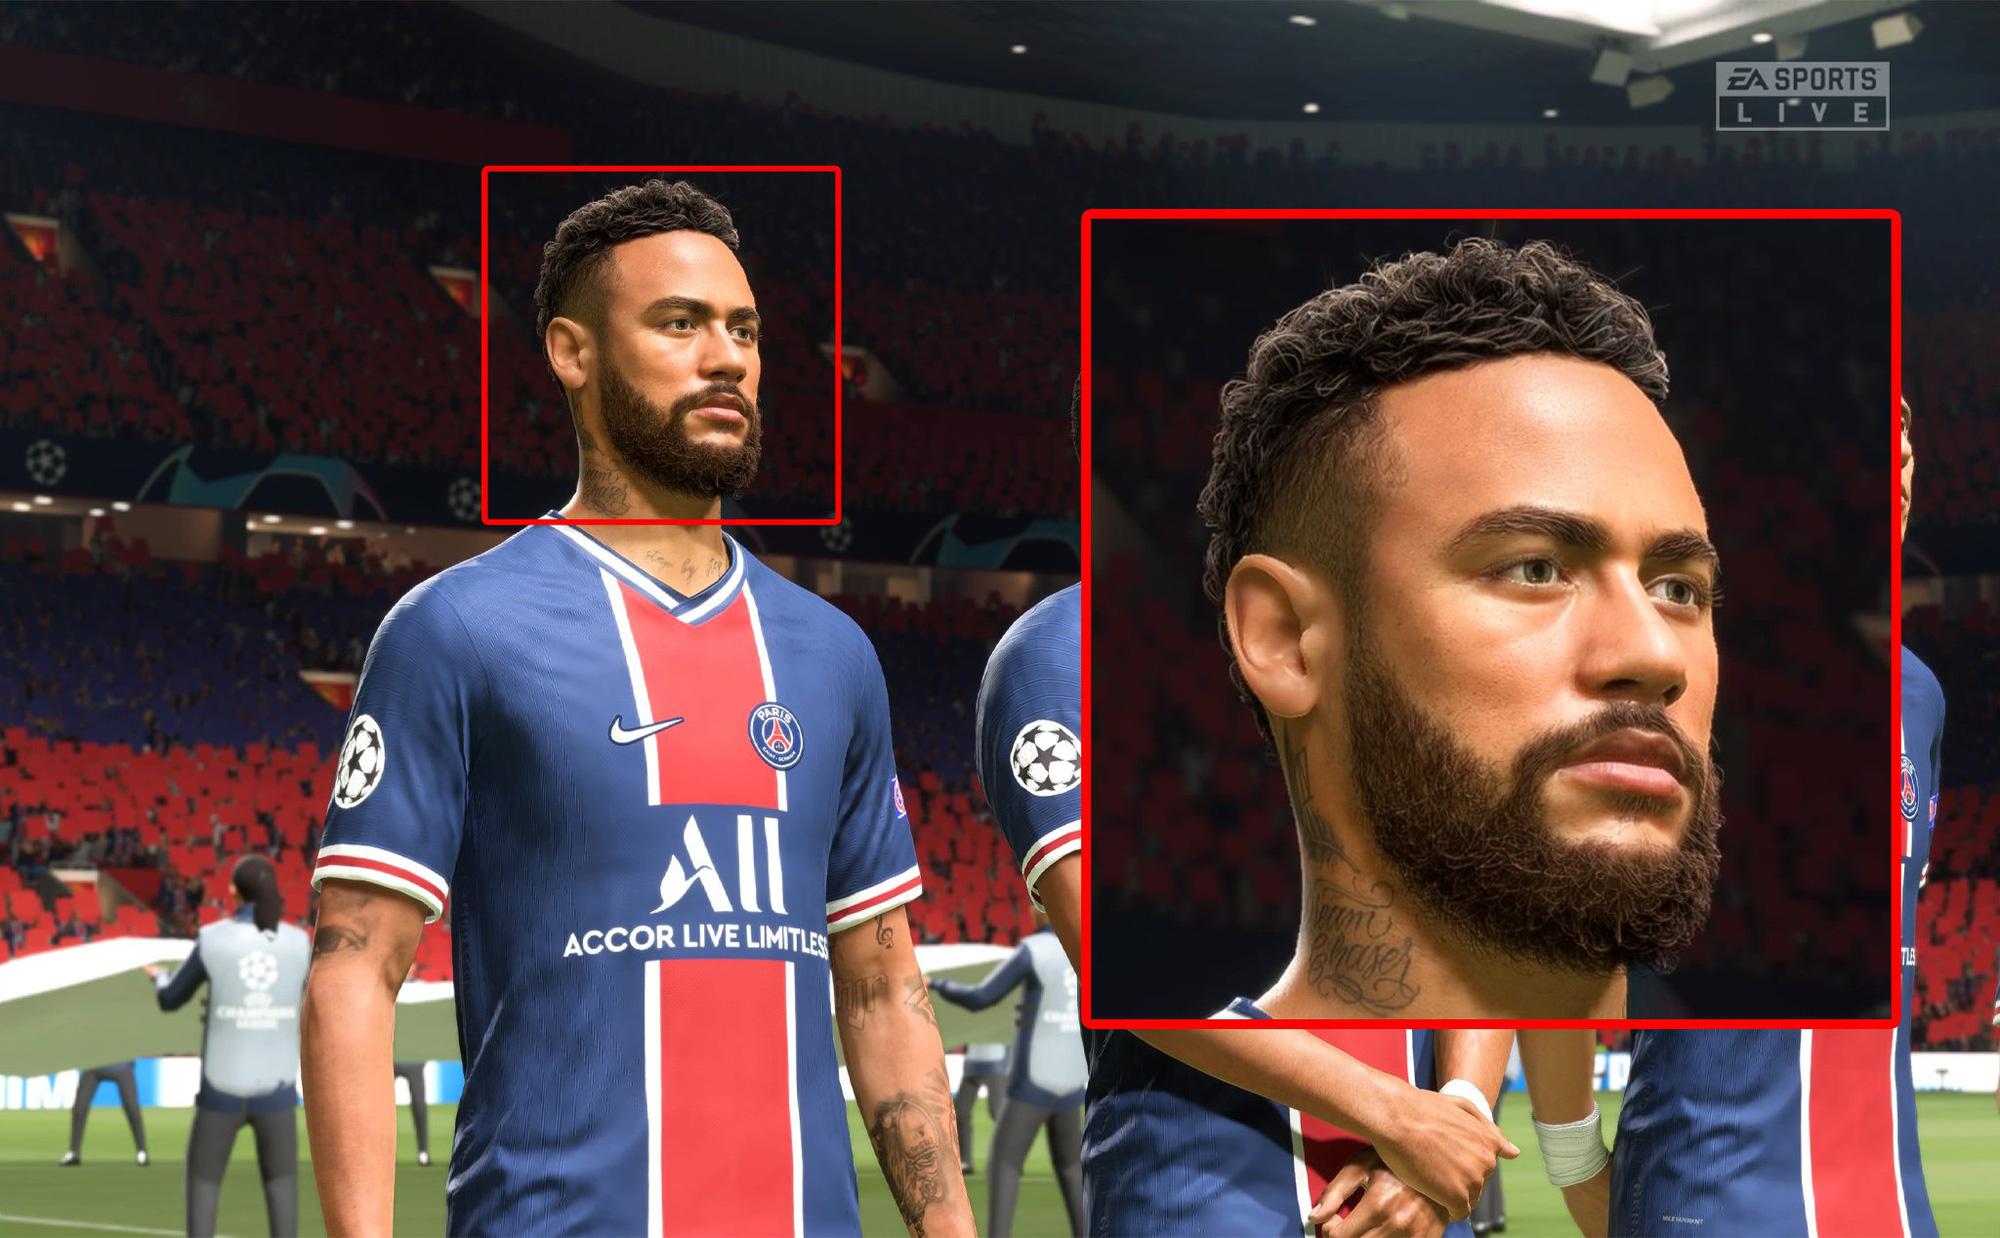 Chùm ảnh FIFA 21 trên PS5: Chờ đợi gì ở game thể thao trên nền next-gen?